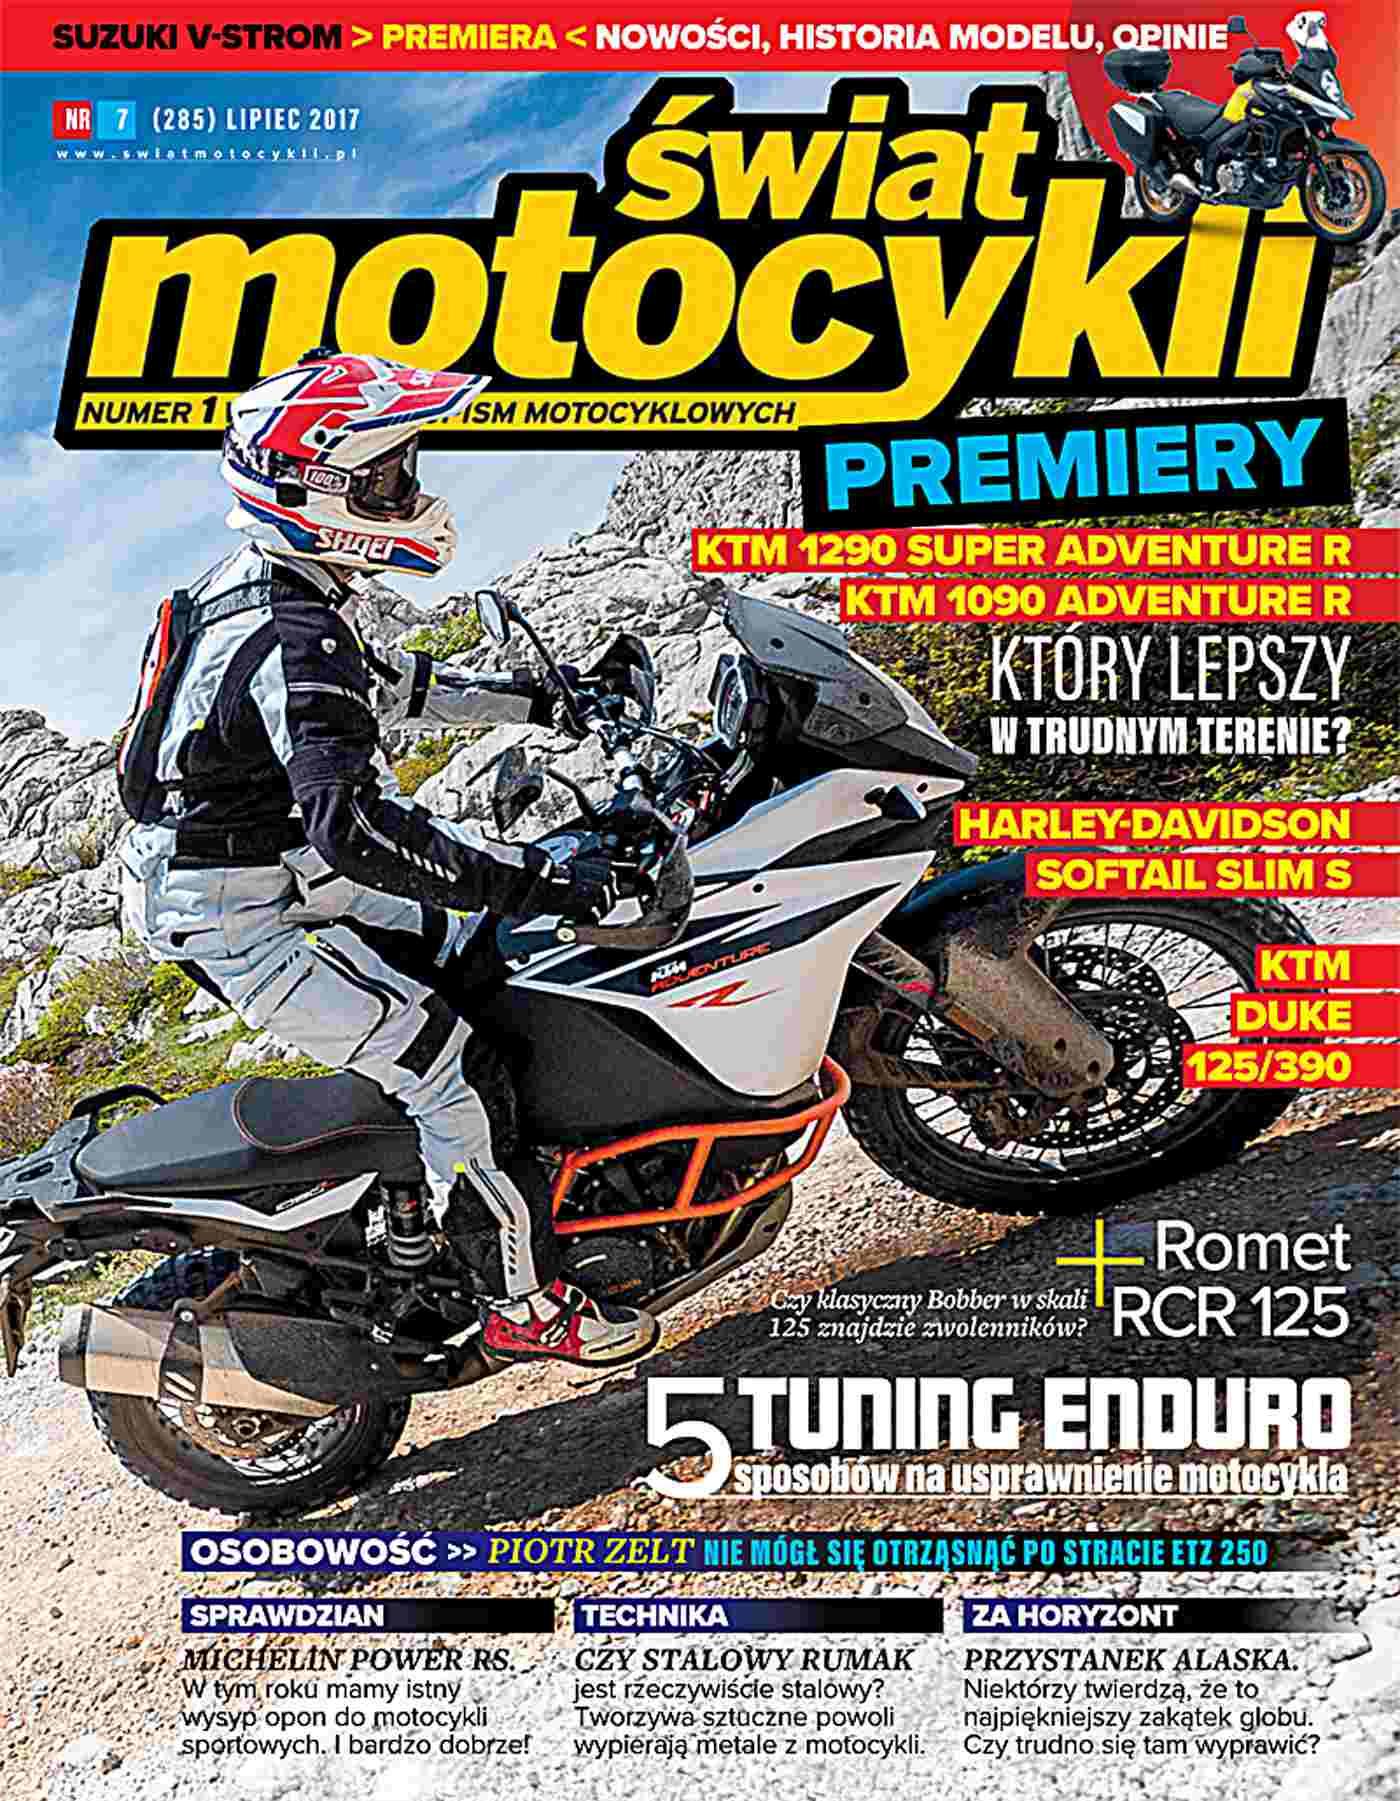 Świat Motocykli 7/2017 - Ebook (Książka PDF) do pobrania w formacie PDF